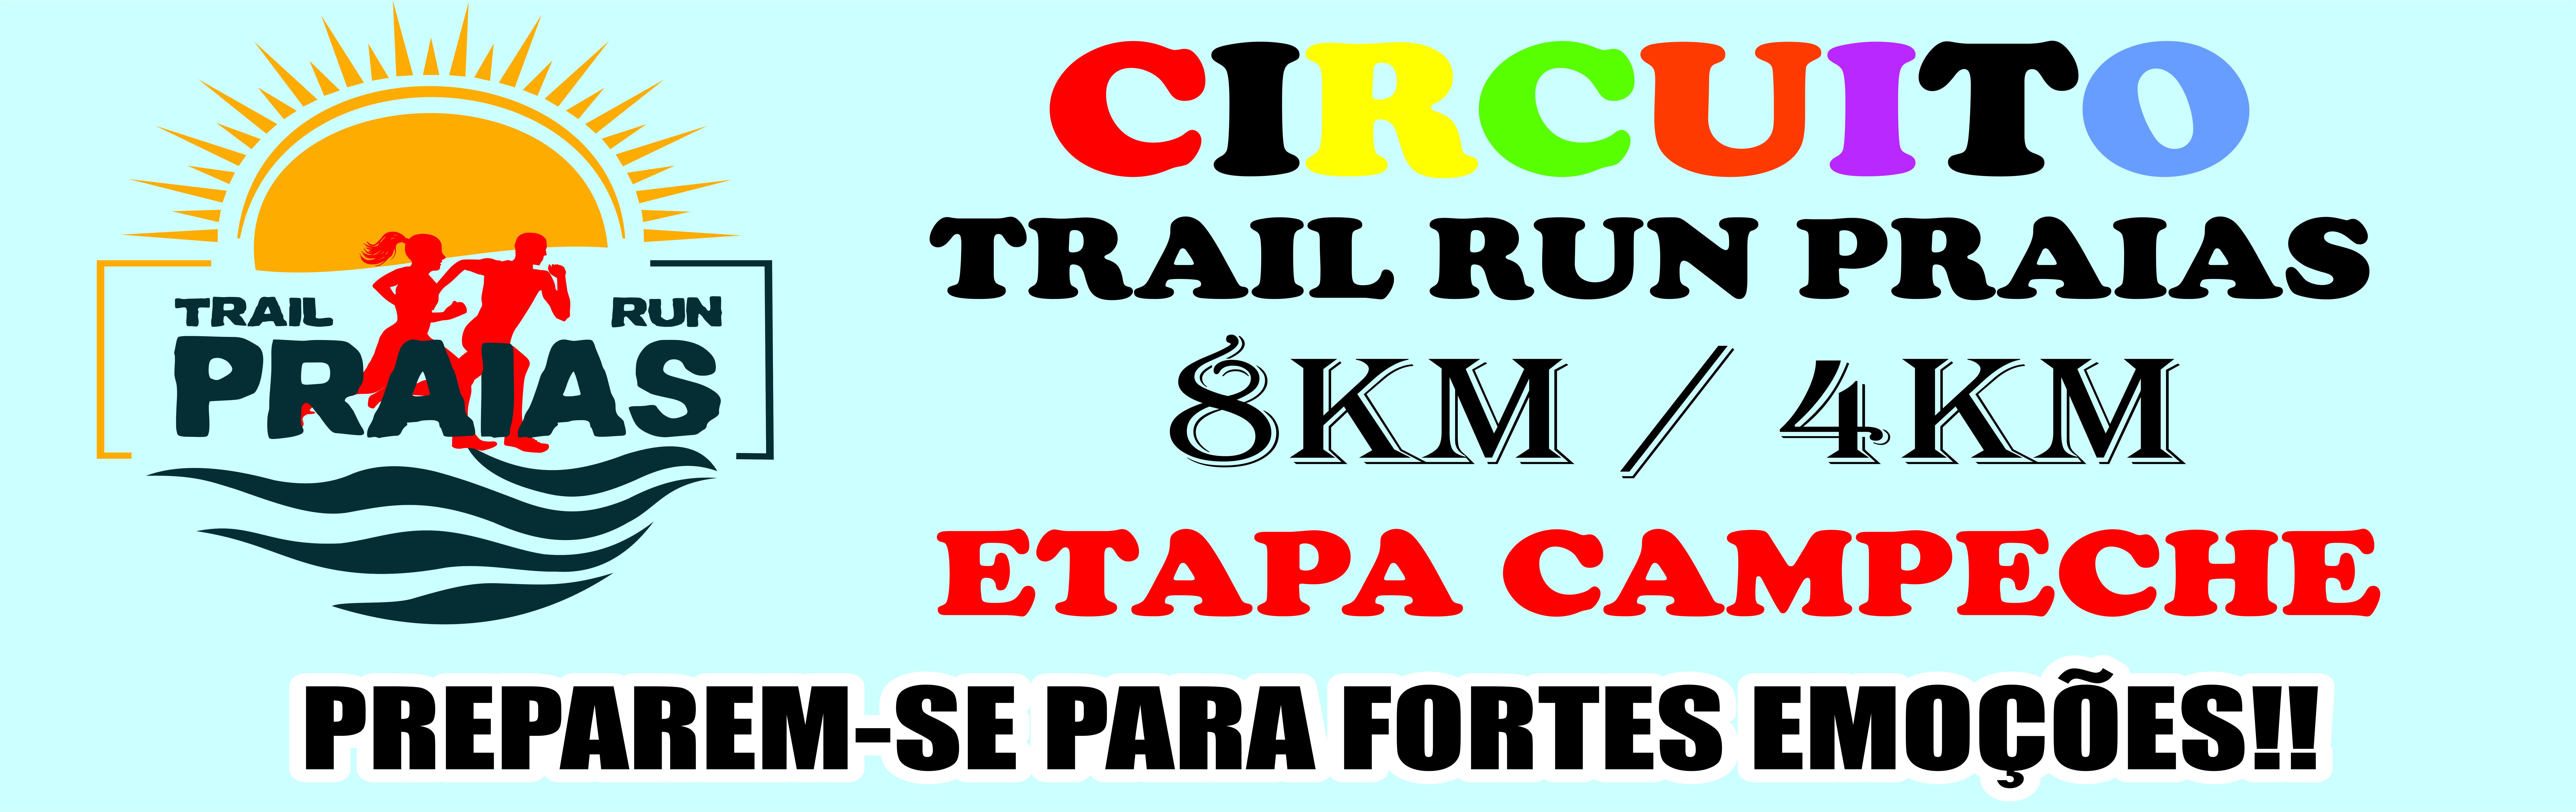 Trail Run Praias - Etapa Campeche 2020